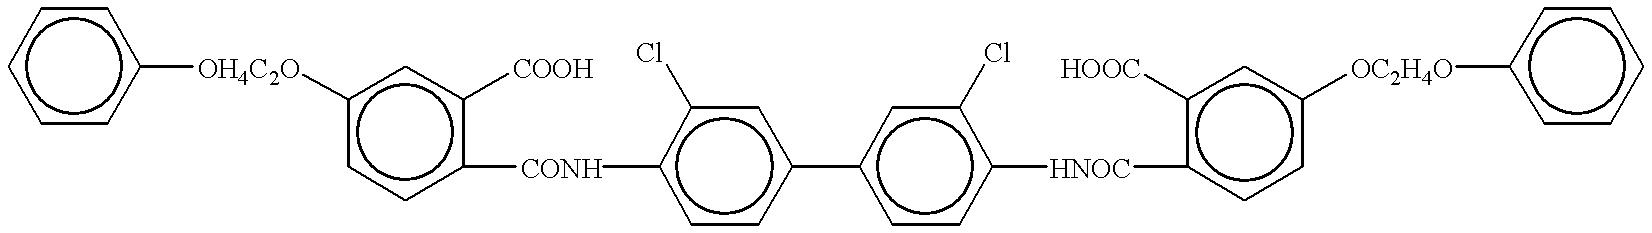 Figure US06180560-20010130-C00529